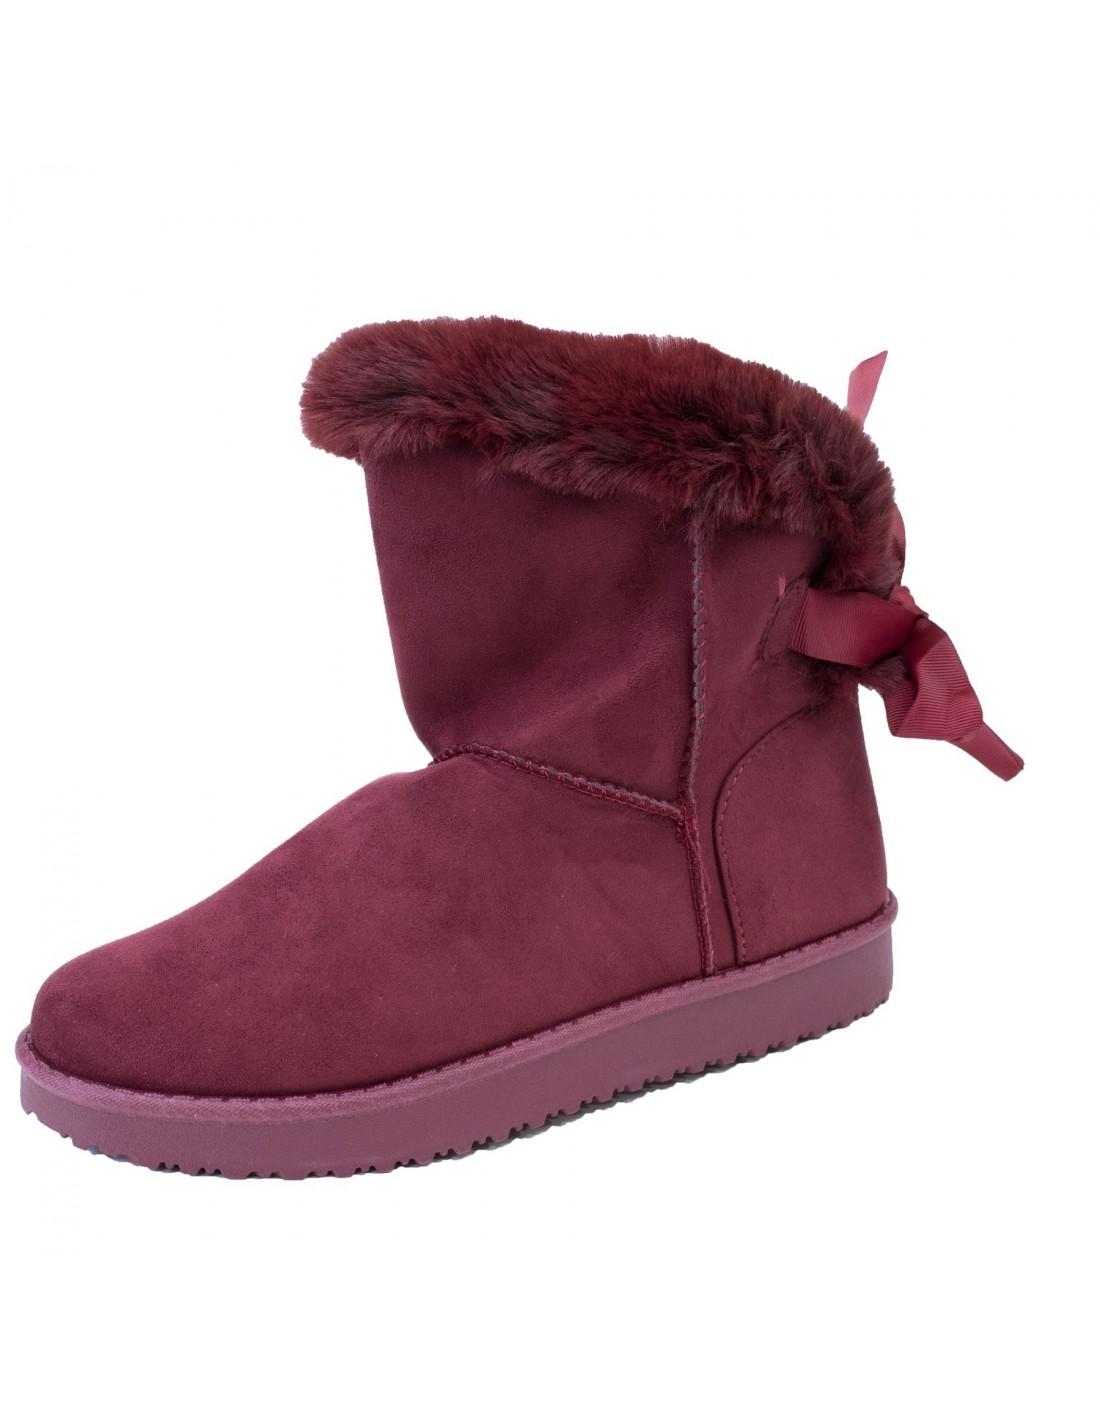 boots femme fourr es bordeaux fantaisie ruban fourrure. Black Bedroom Furniture Sets. Home Design Ideas